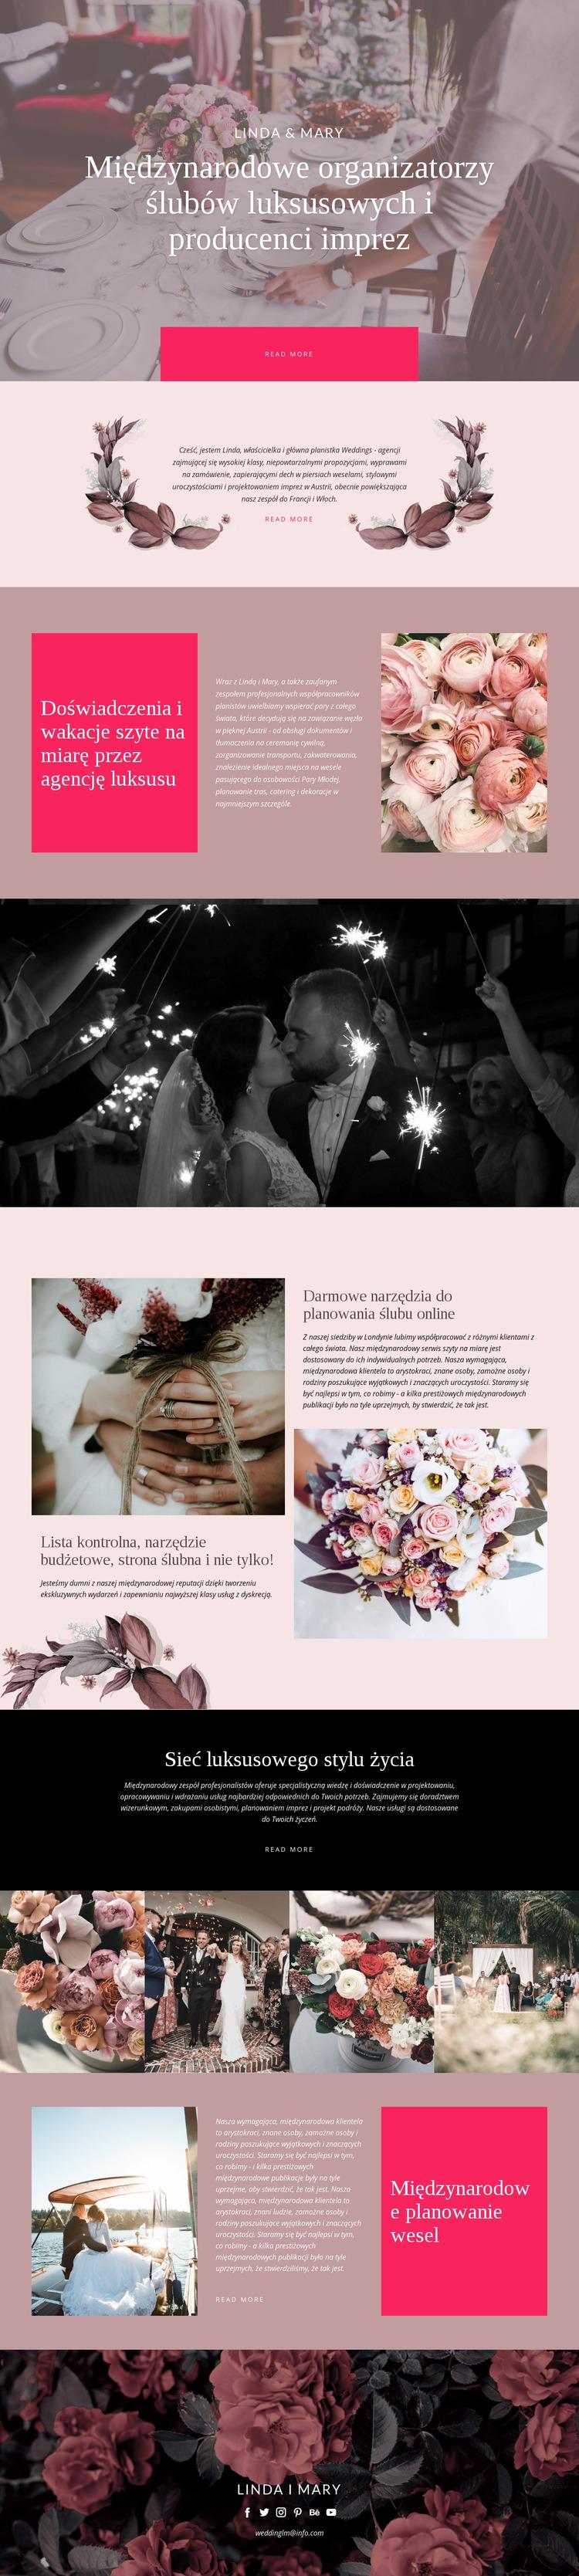 Luksusowy ślub Szablon Joomla